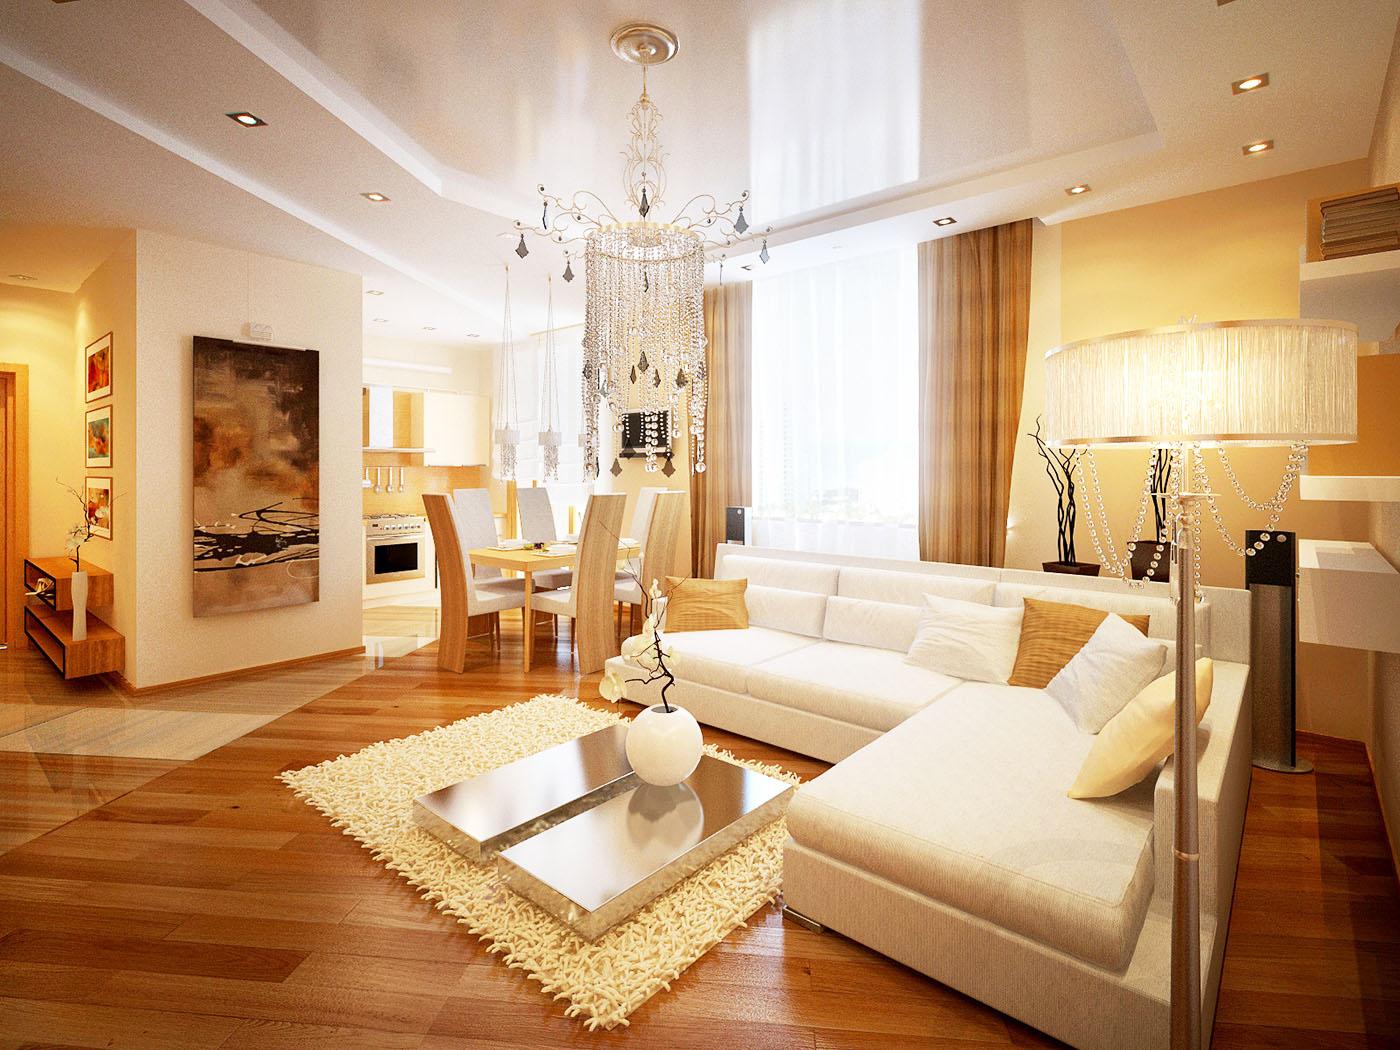 Дизайн интерьера эконом класса гостиной